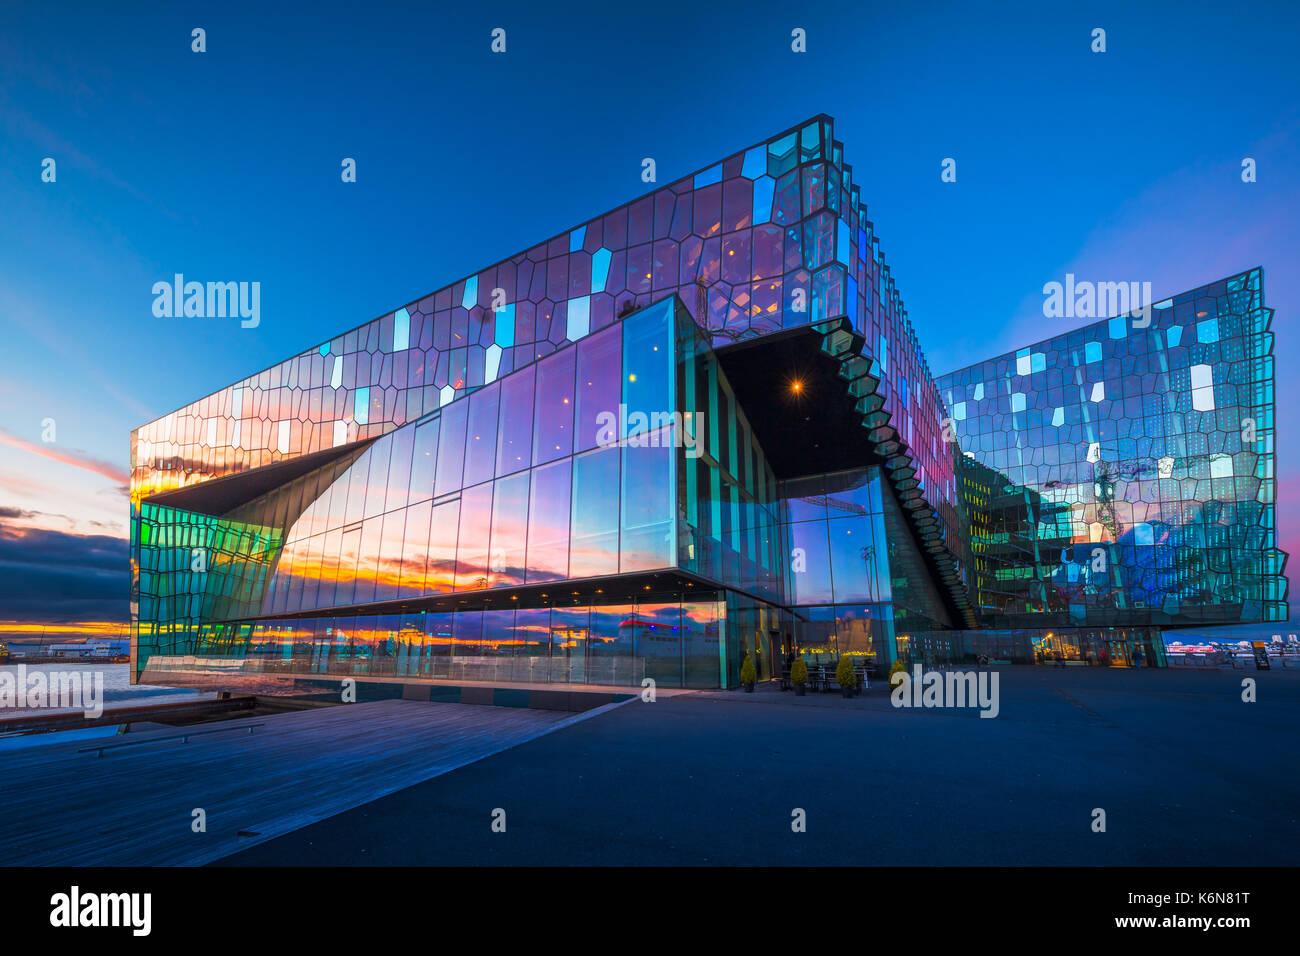 Harpa ist ein Concert Hall und Konferenzzentrum in Reykjavík, Island. Das Eröffnungskonzert fand am 4. Mai 2011 statt. Das Gebäude verfügt über eine besondere Stockbild